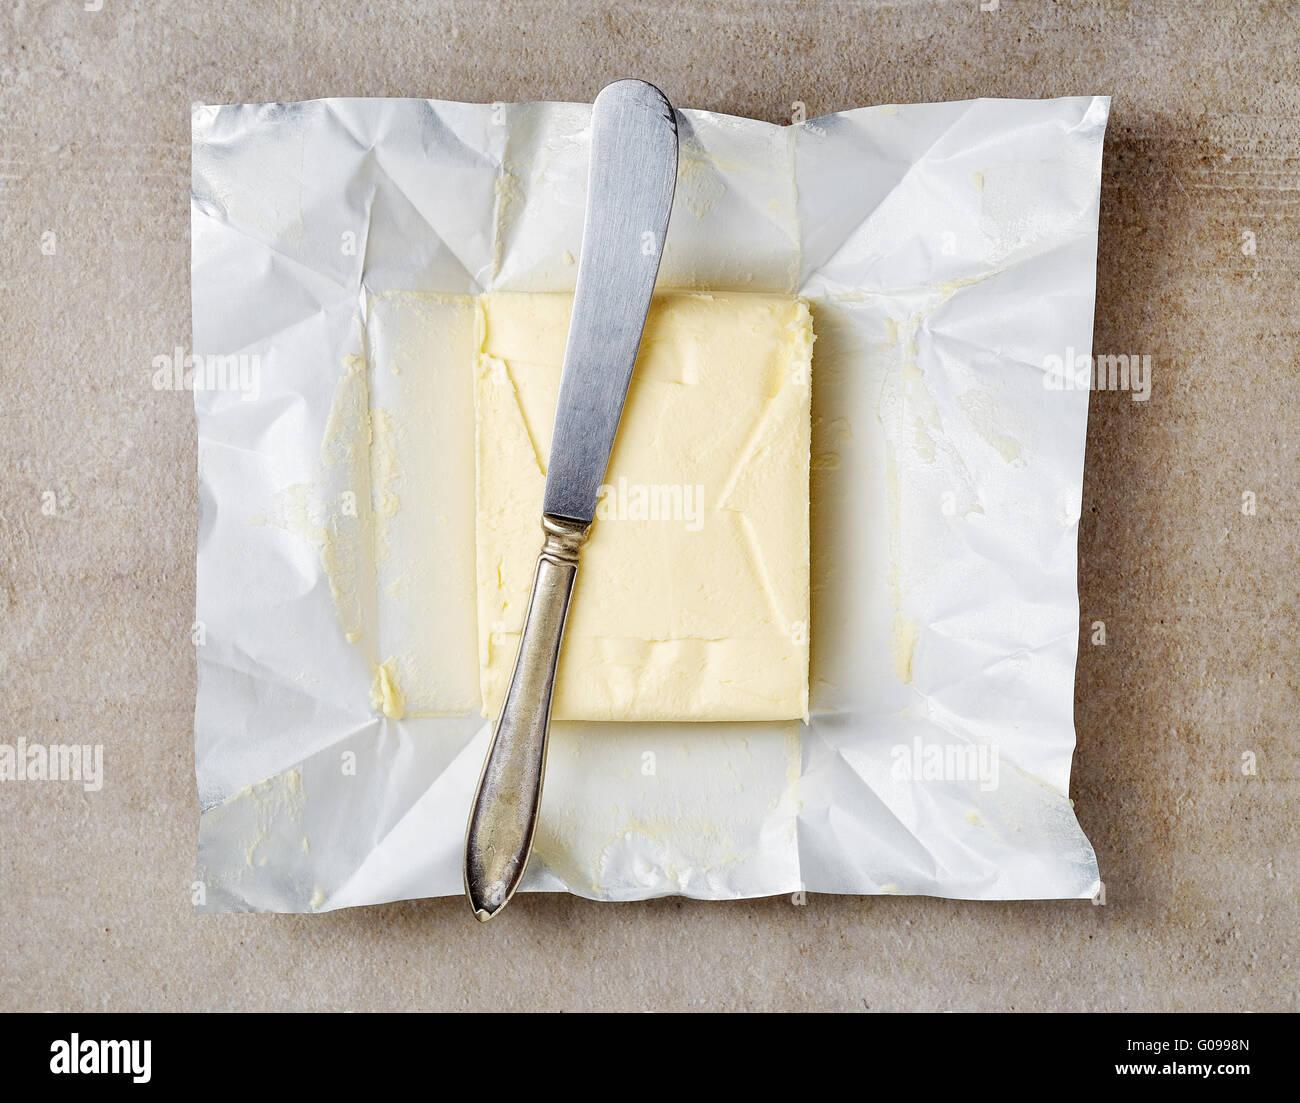 Paquet de beurre à l'aide d'un couteau, vue du dessus Photo Stock